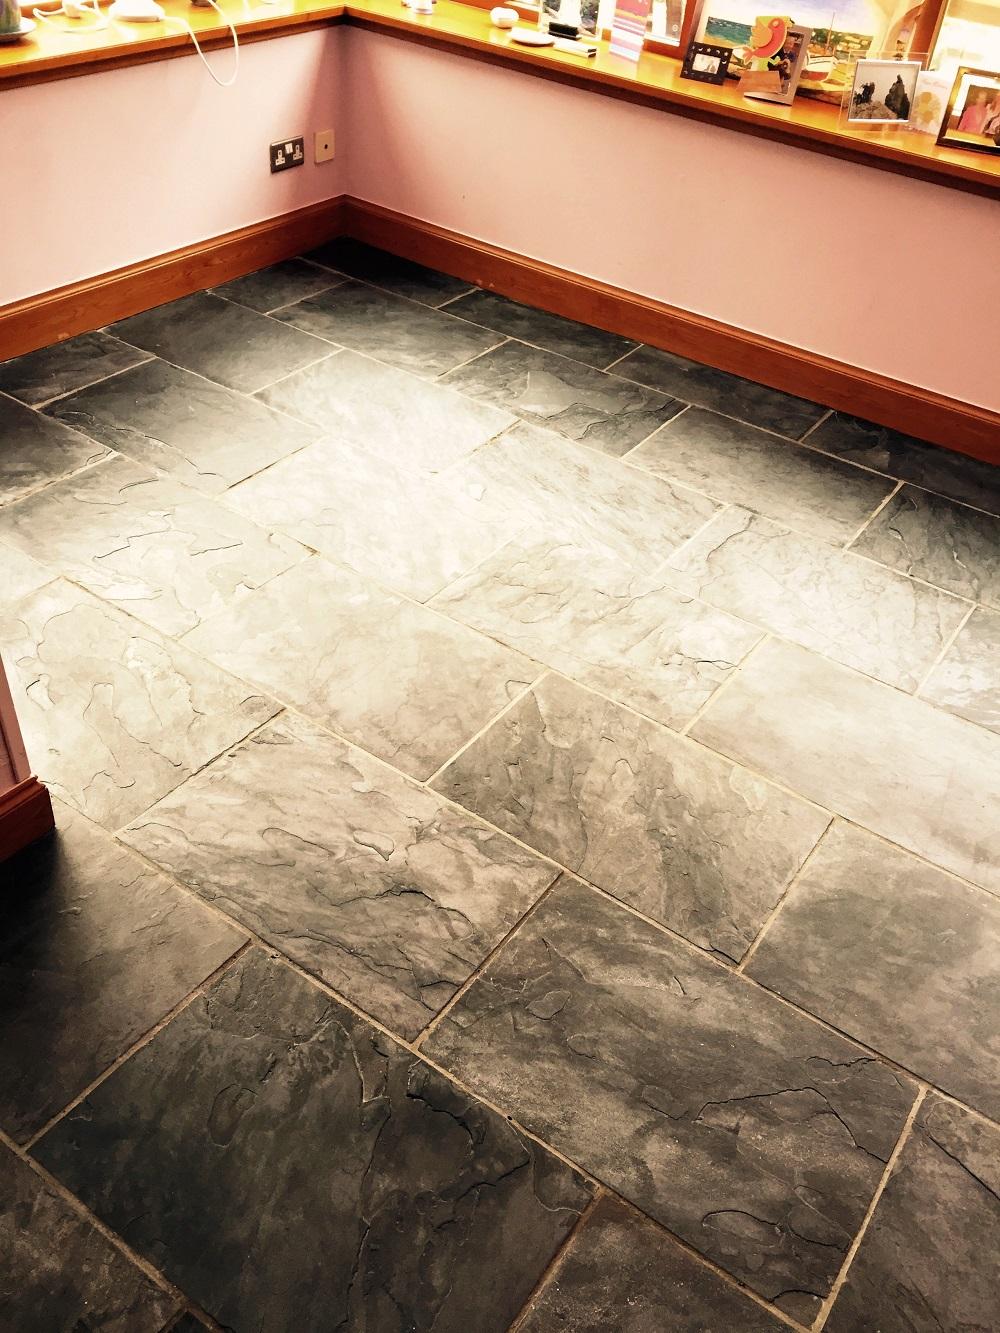 Slate Tiled Floor Before Cleaning Edinburgh